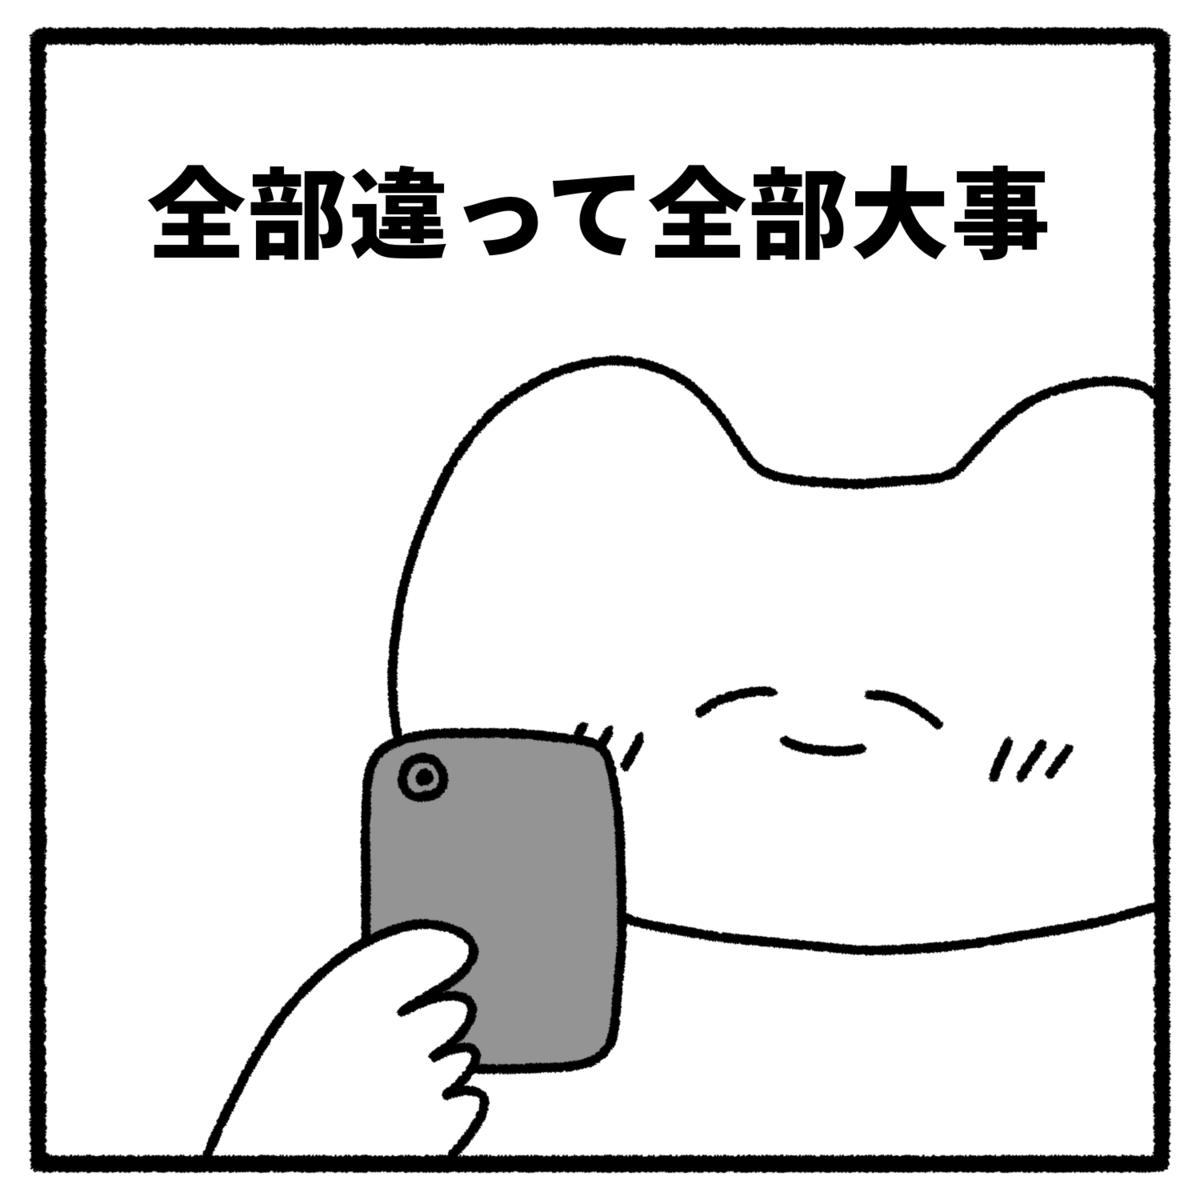 f:id:usgmen:20210508204513p:plain